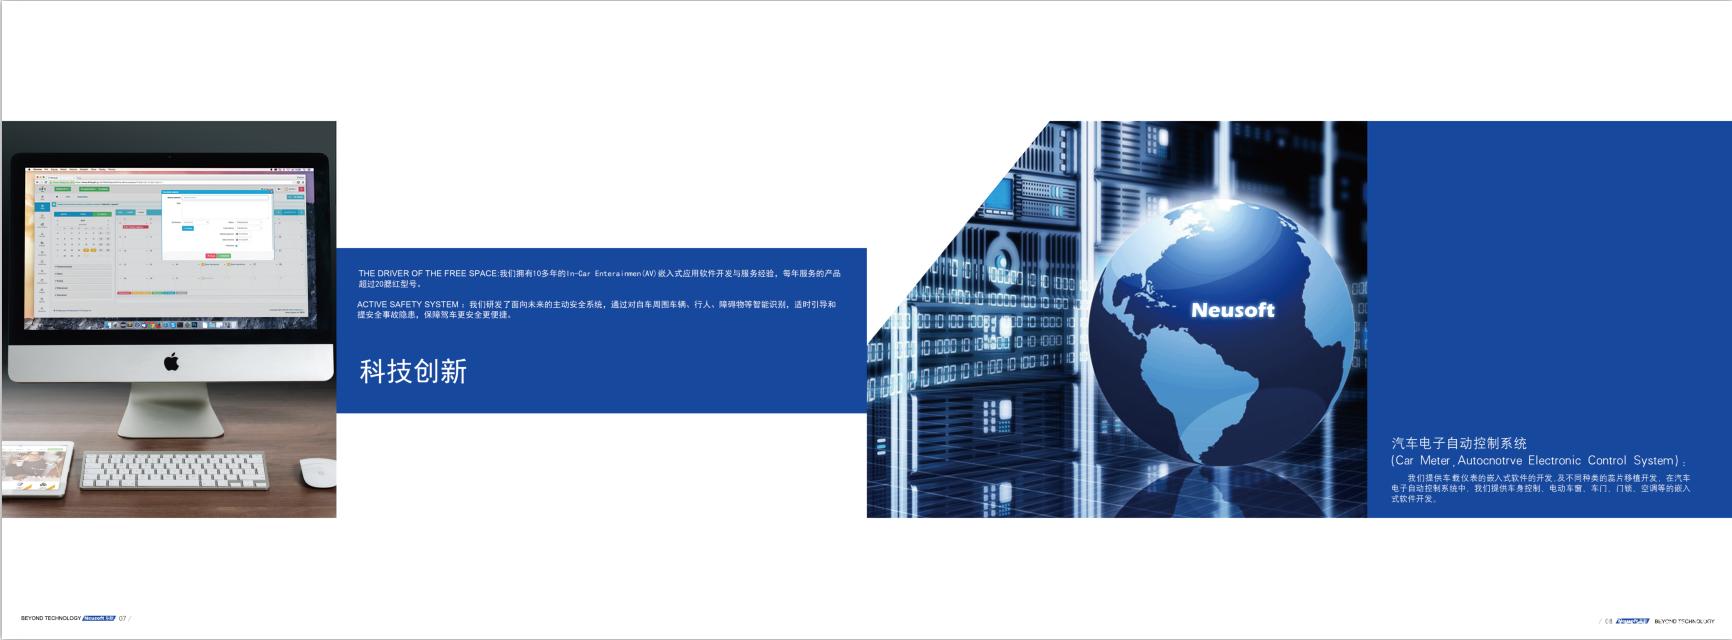 蓝色科技风格画册